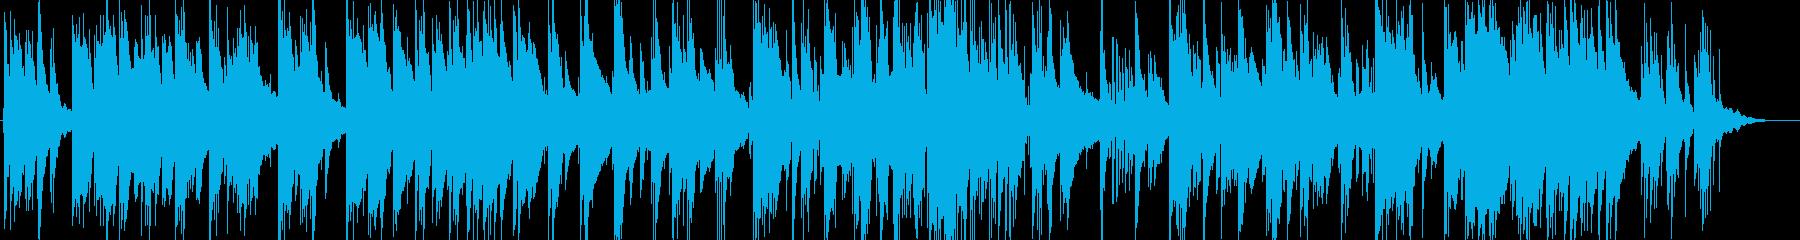 暖かい雰囲気のピアノトリオのバラードの再生済みの波形